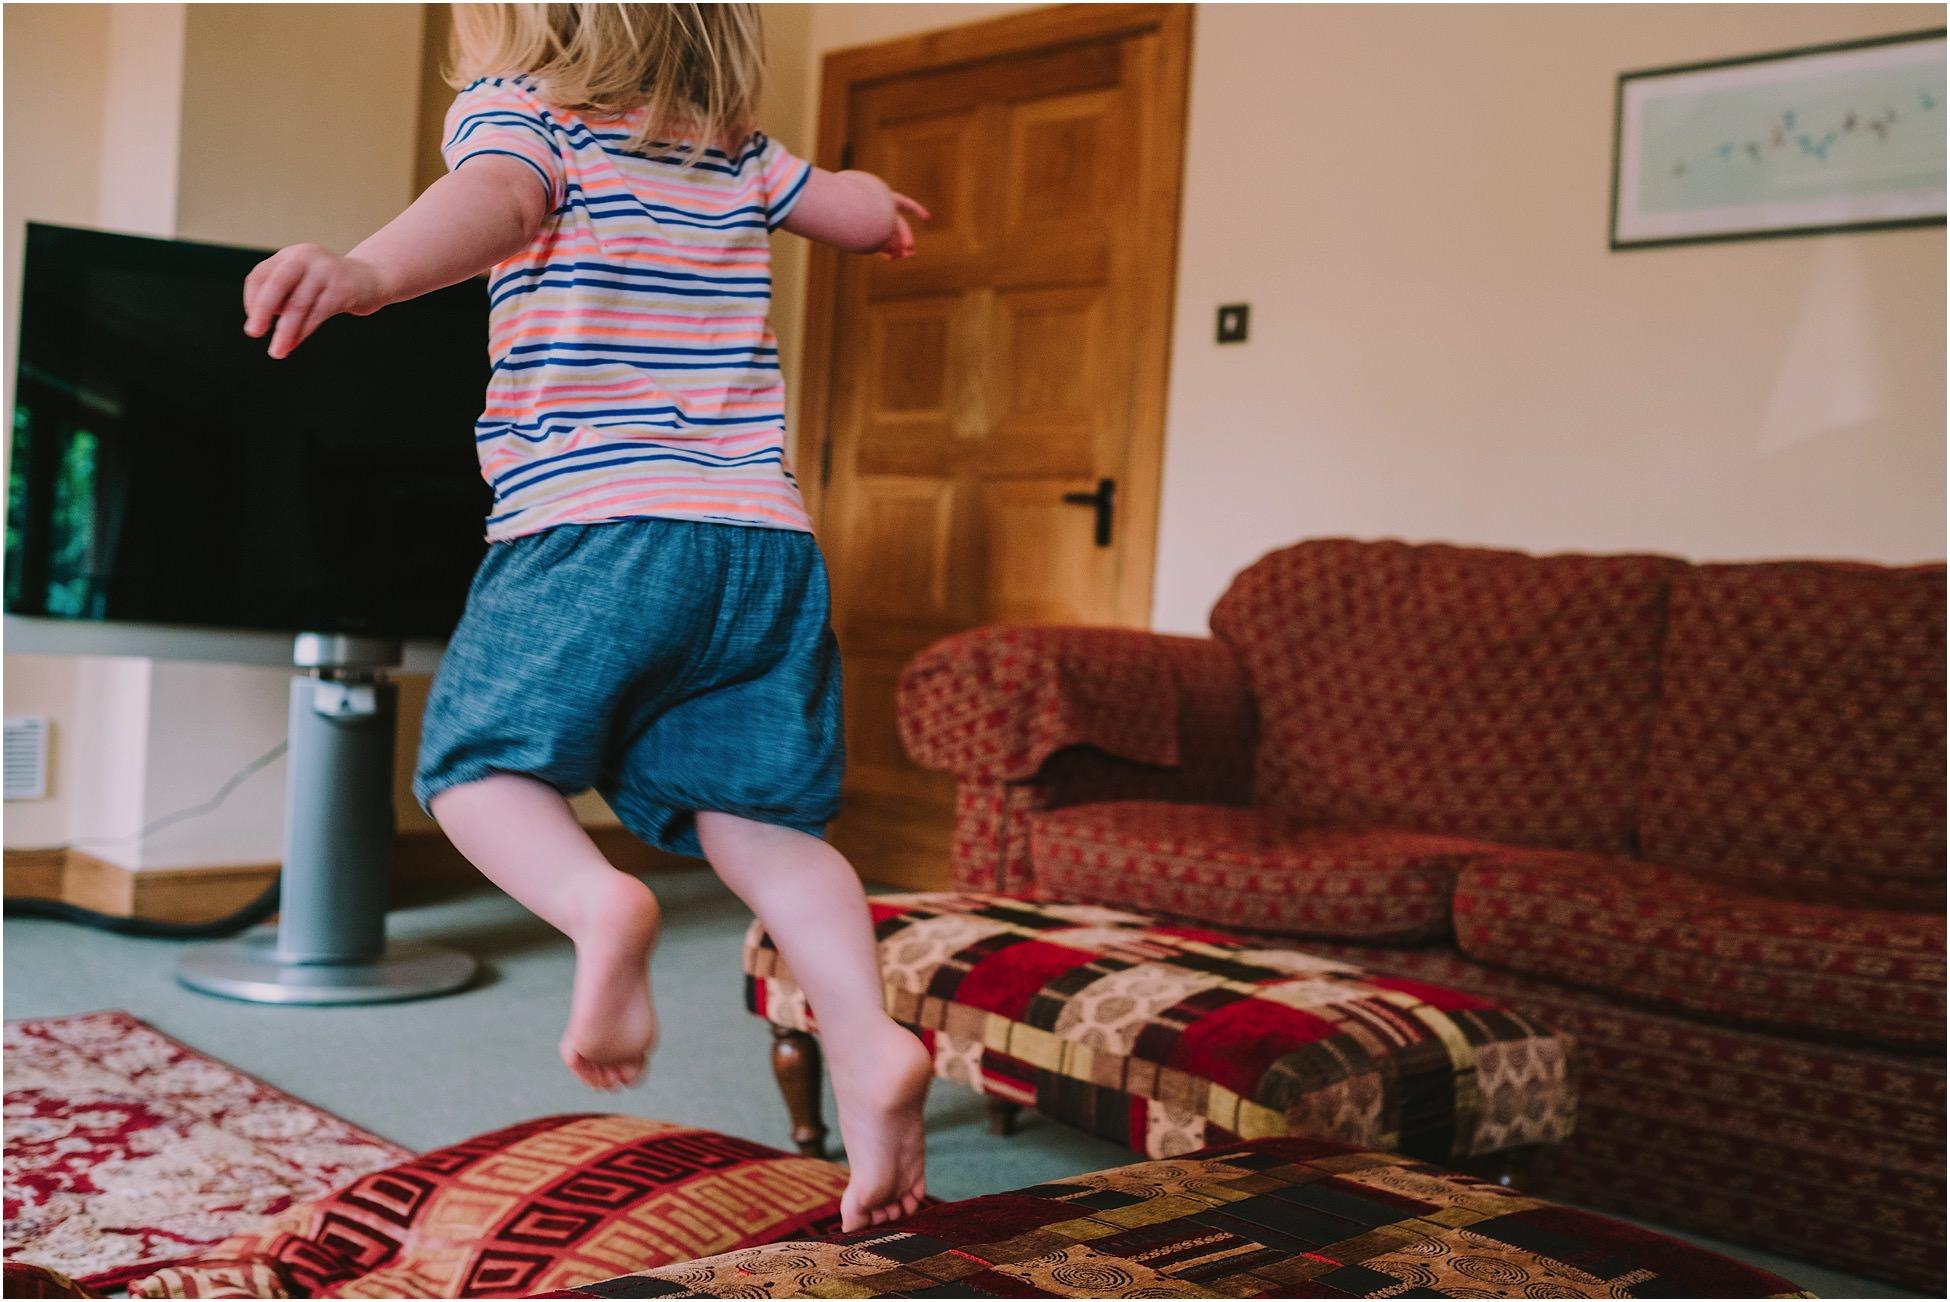 Little flower girl jumping off a sofa